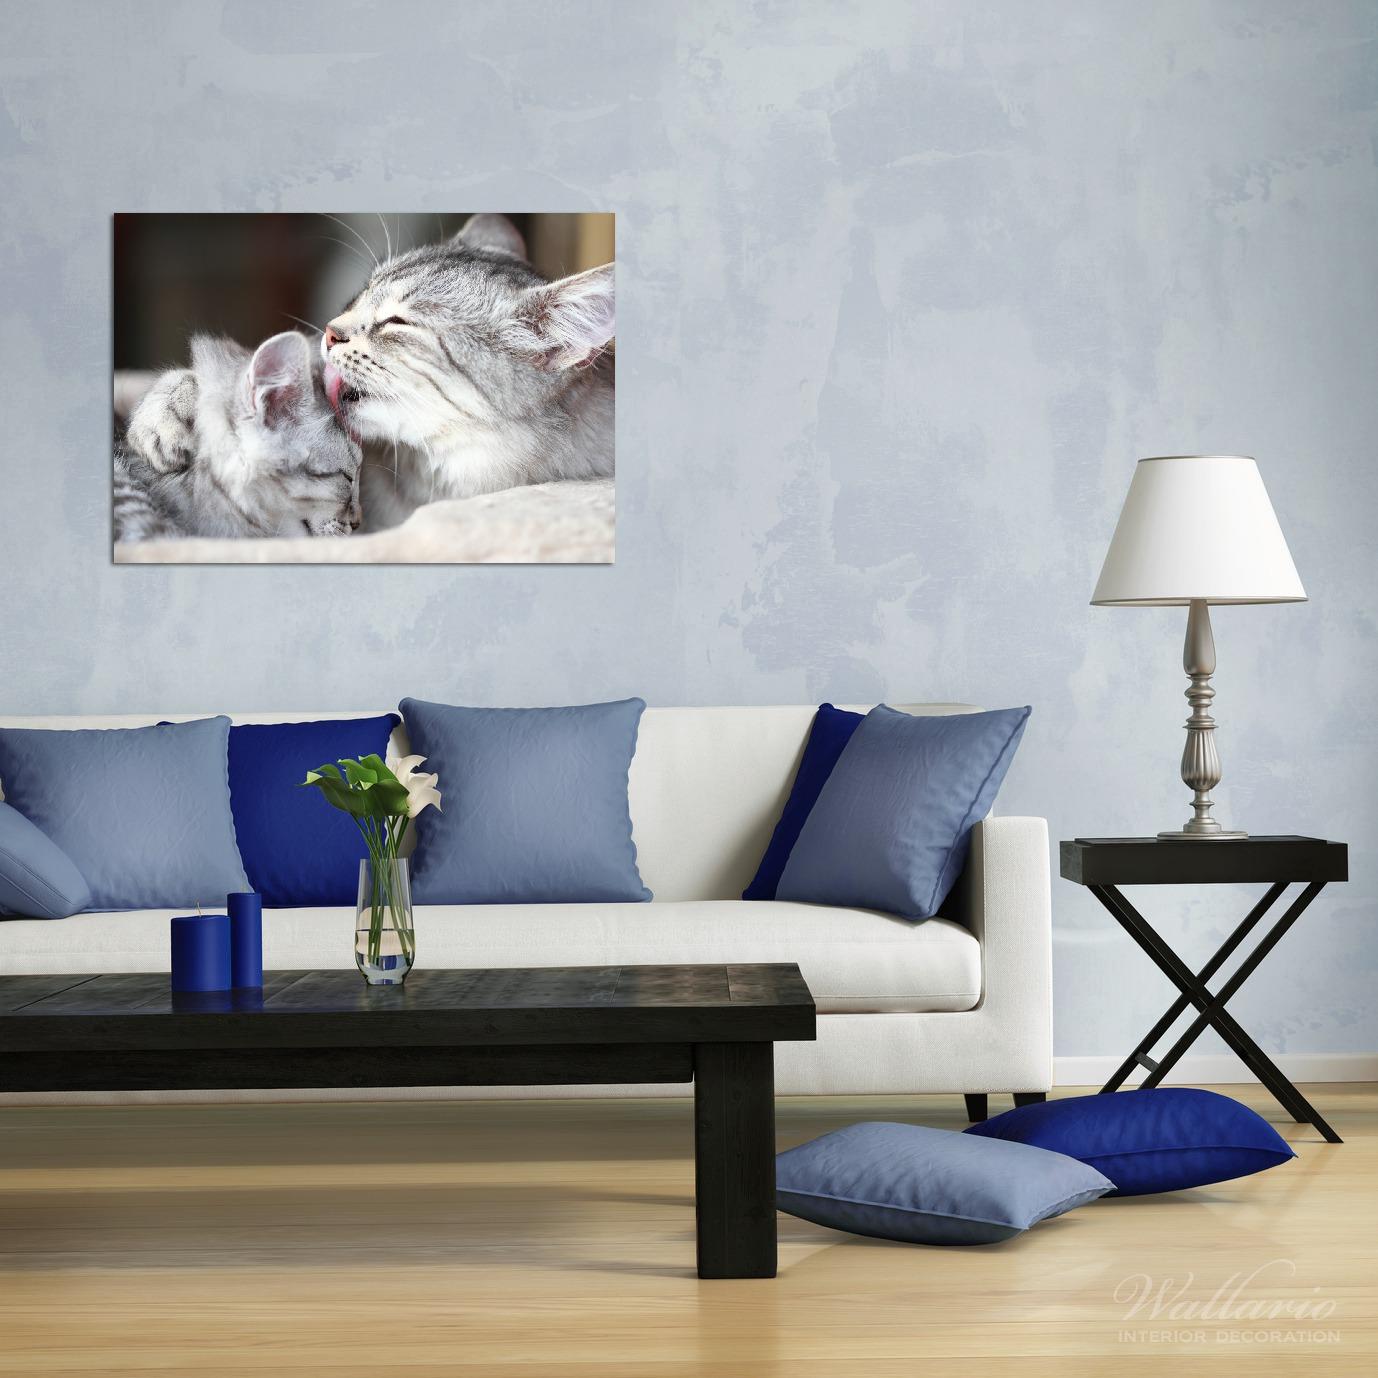 Wandbild Süße kleine getigerte Katzenbabys – Bild 2